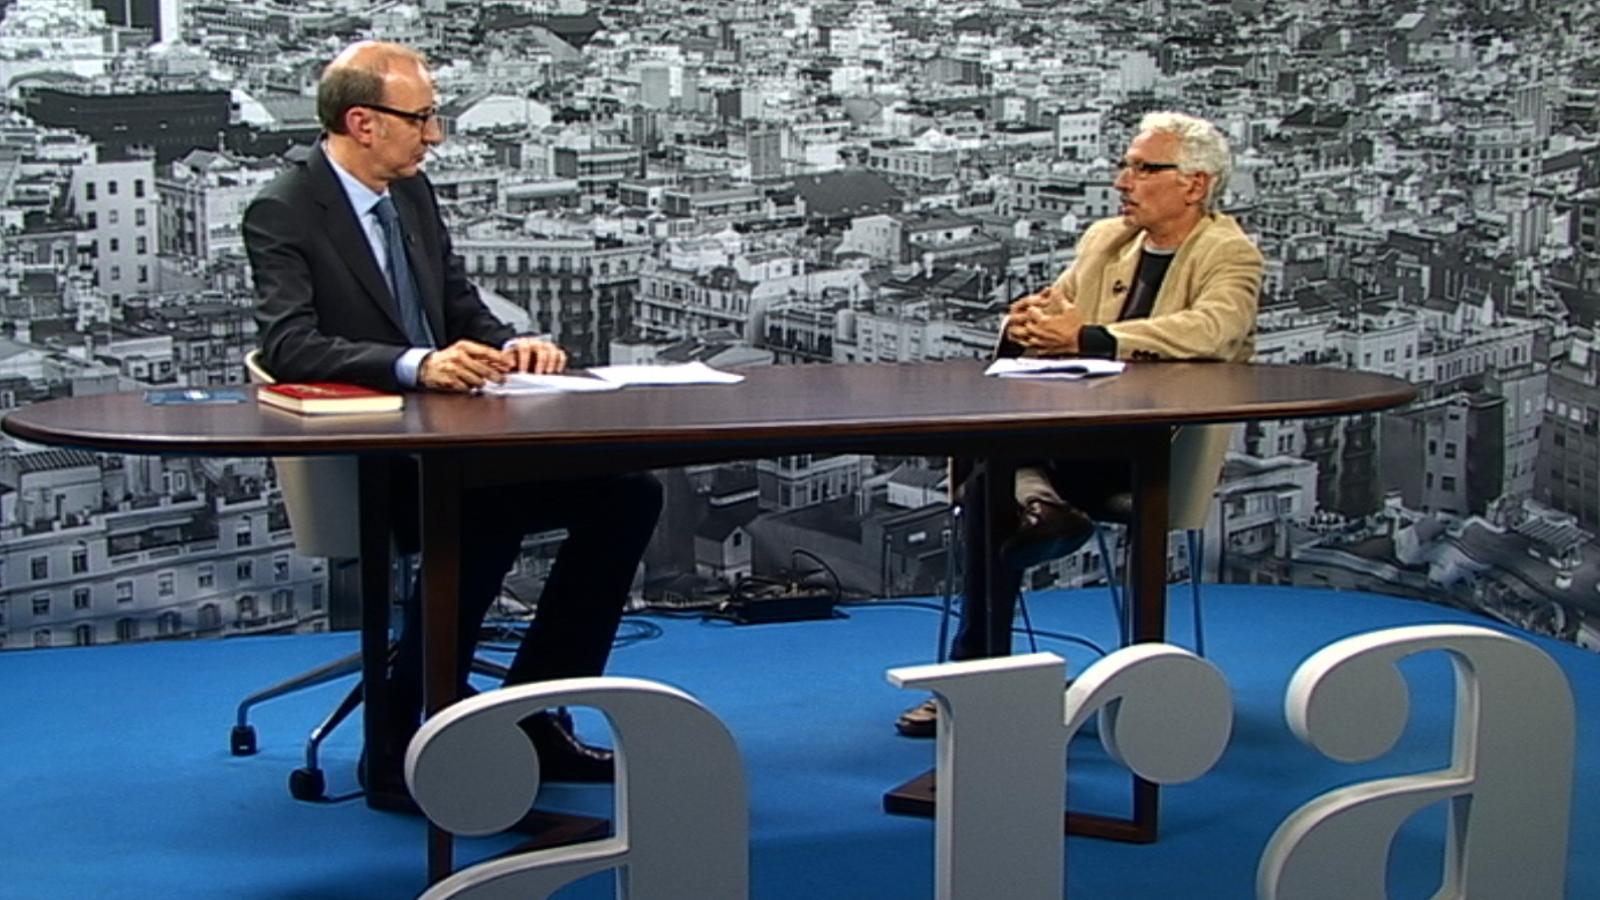 El jutge Santiago Vidal ens explica els pecats capitals de la justícia, just un dia ple de pecats